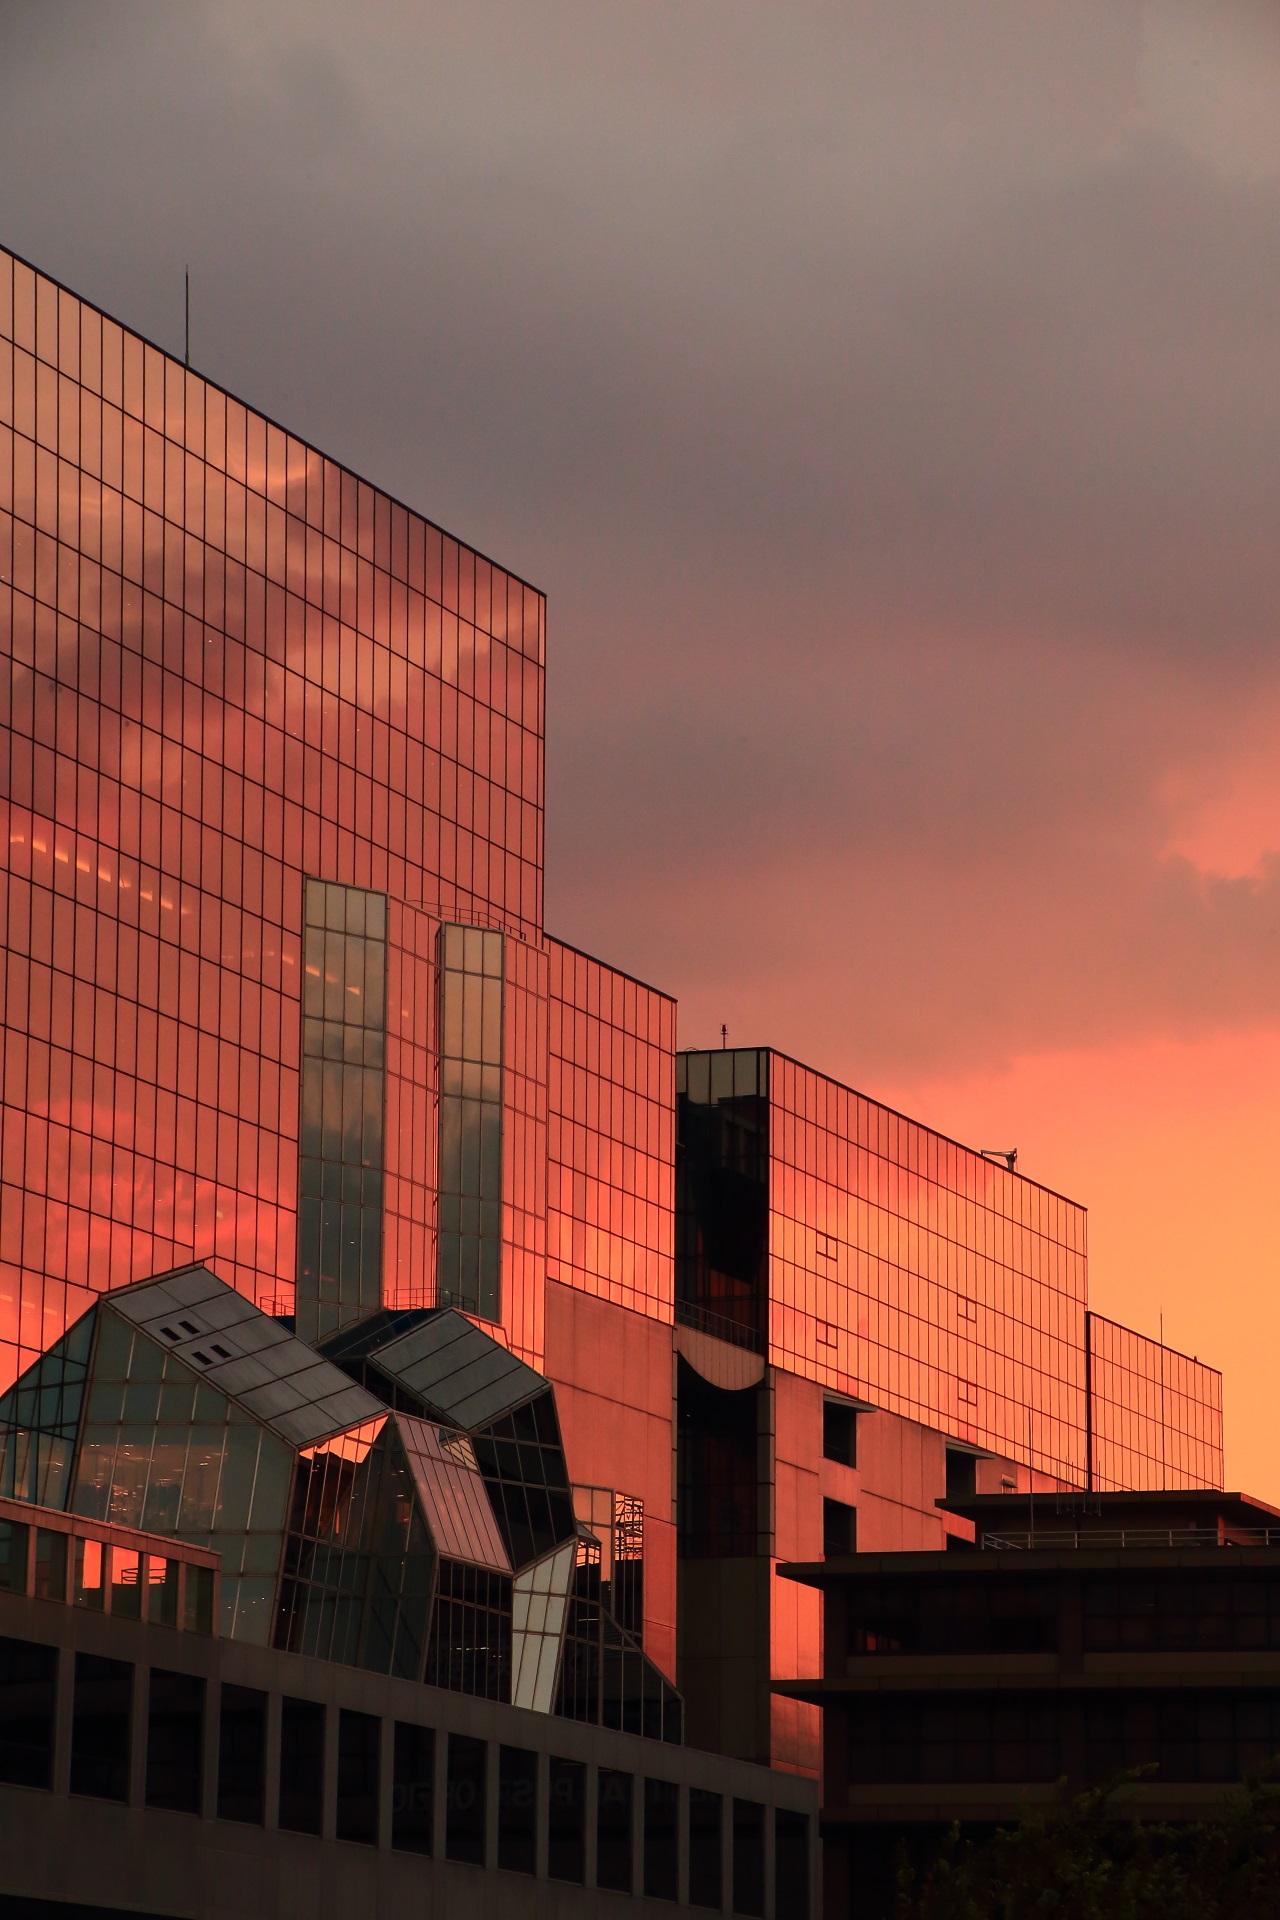 夕焼け空とともに雲も映し出す京都駅ビルのガラス